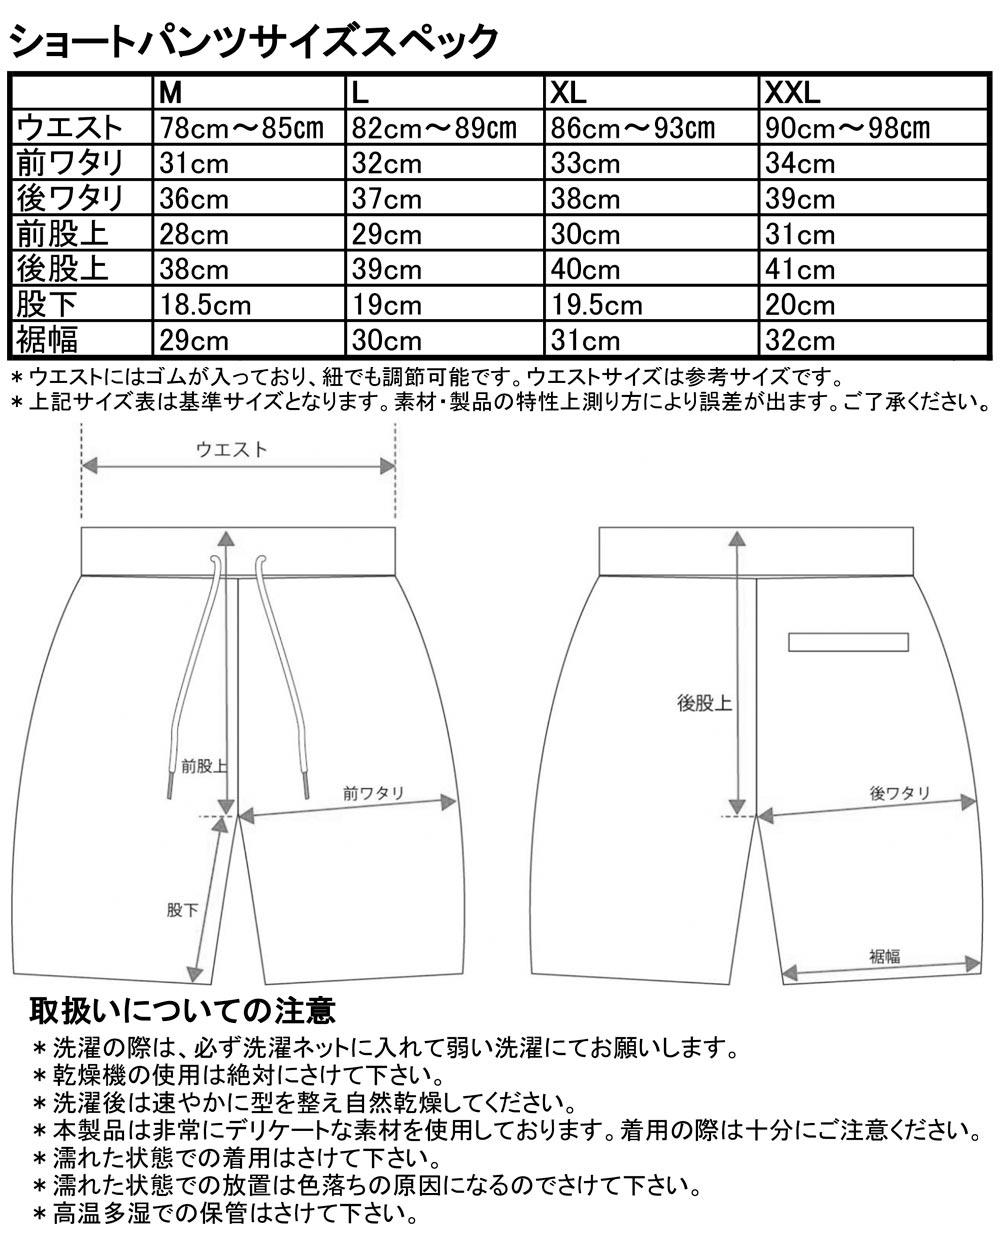 新日本プロレス ハーフパンツ 高橋ヒロムモデル アイボリー M